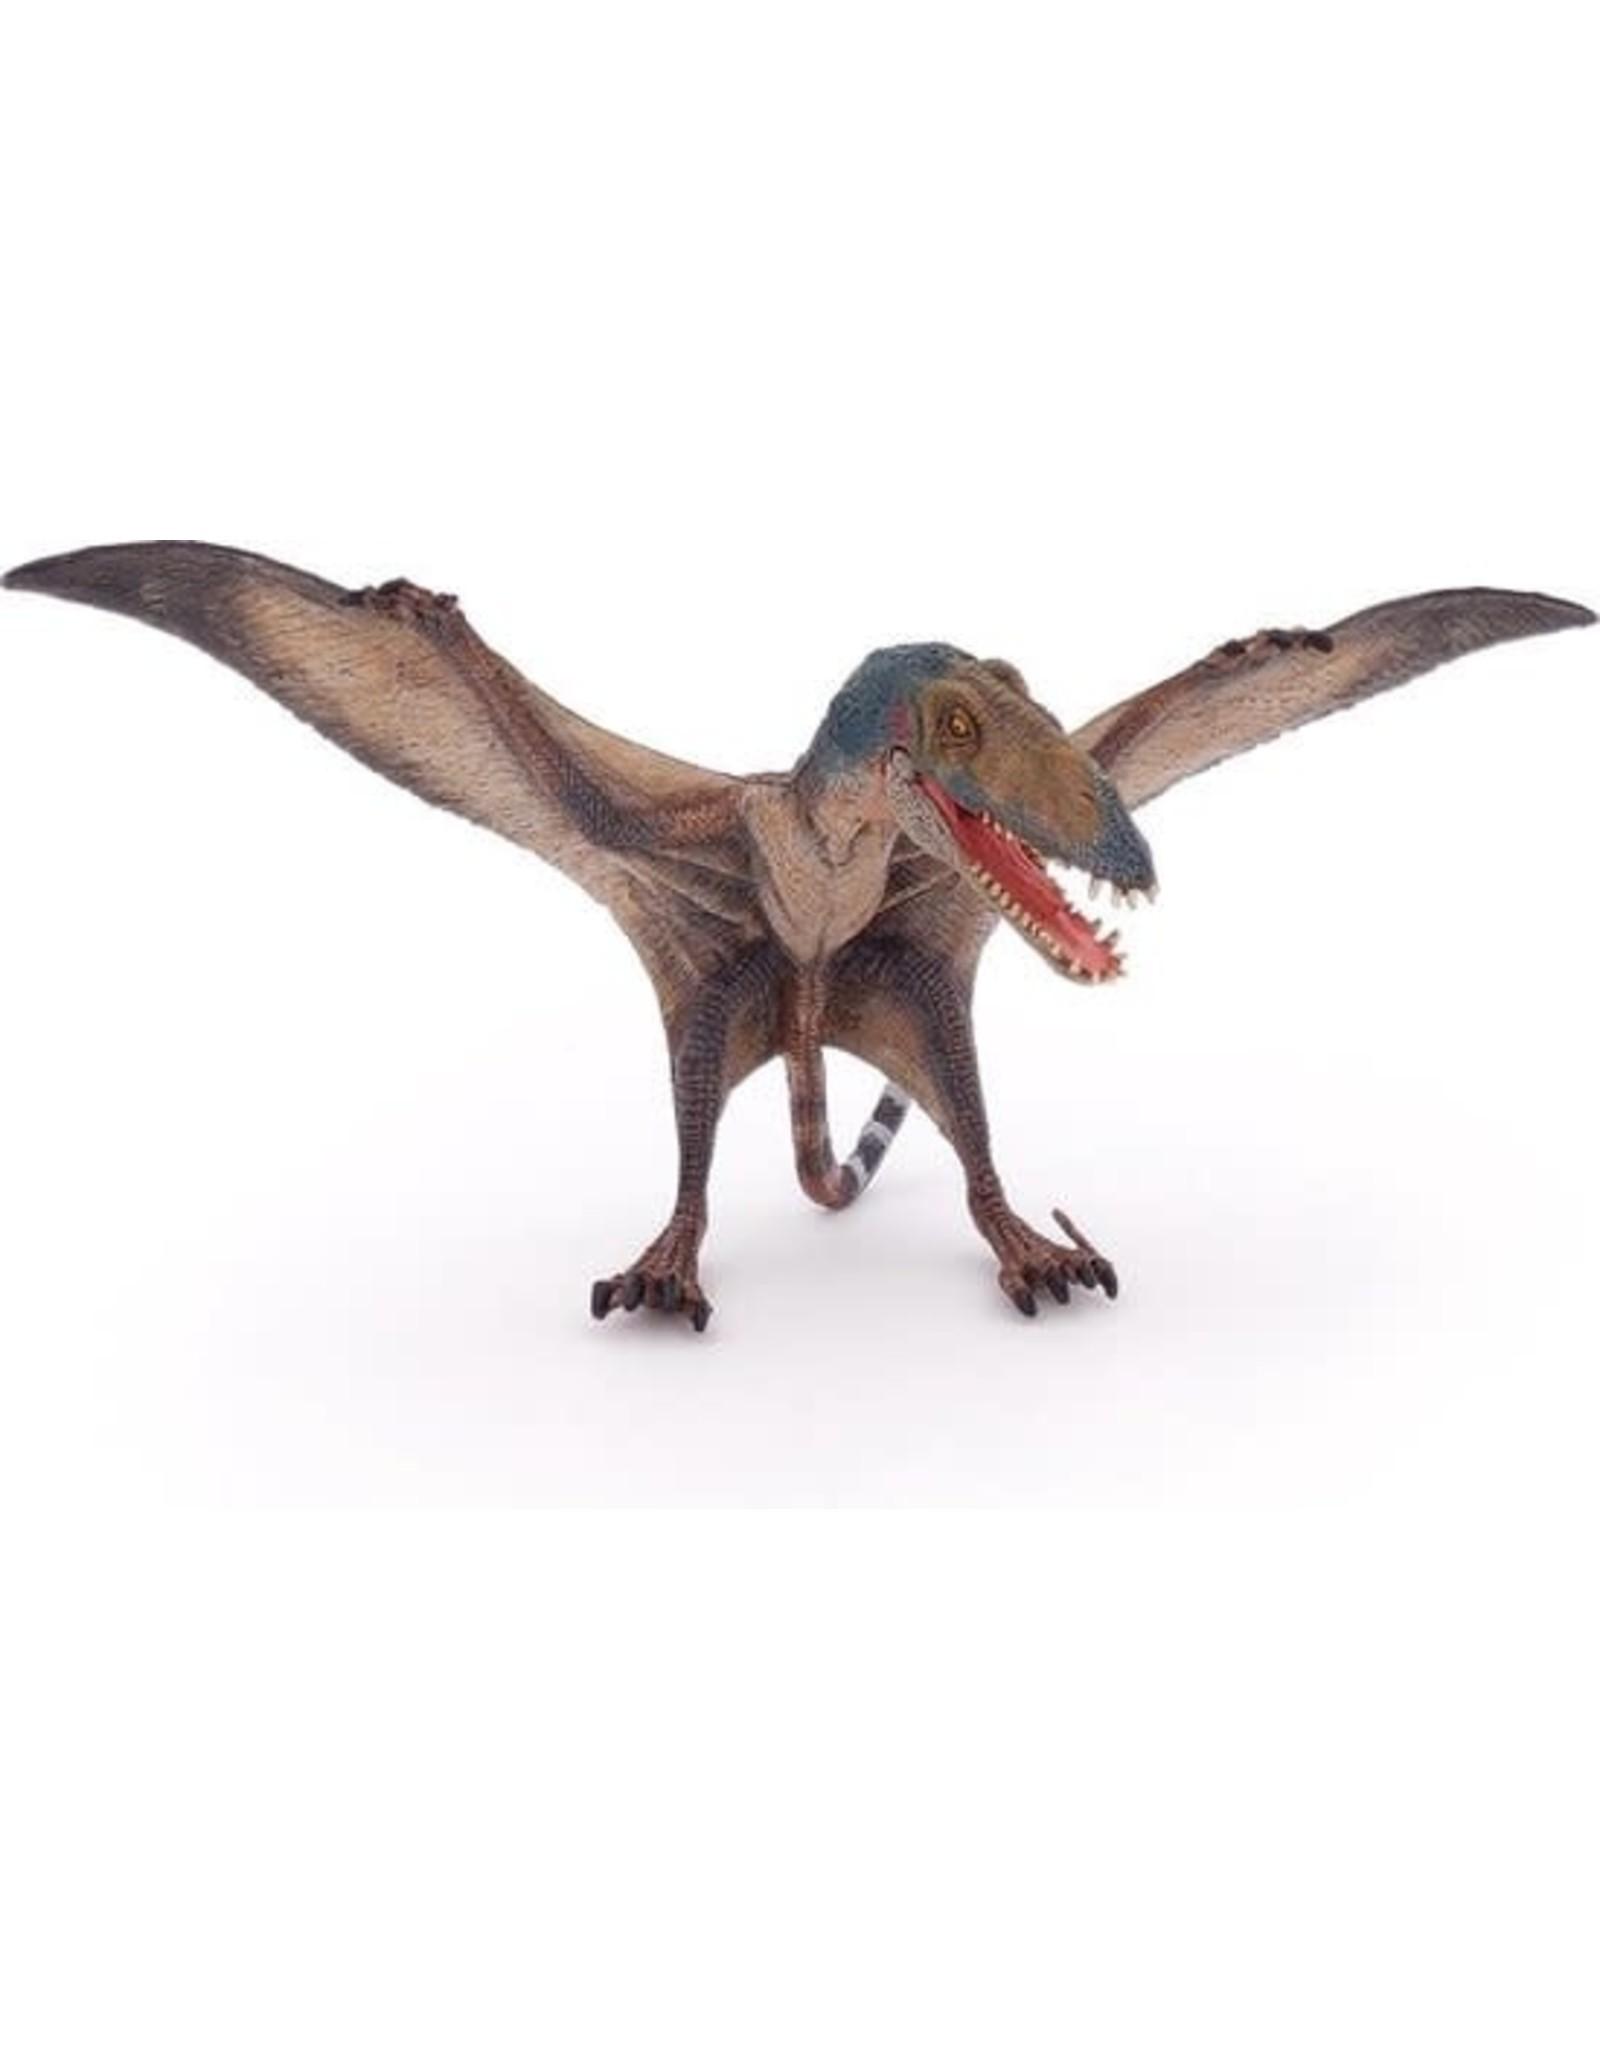 Papo Dimorphodon - Papo Dinosaurs